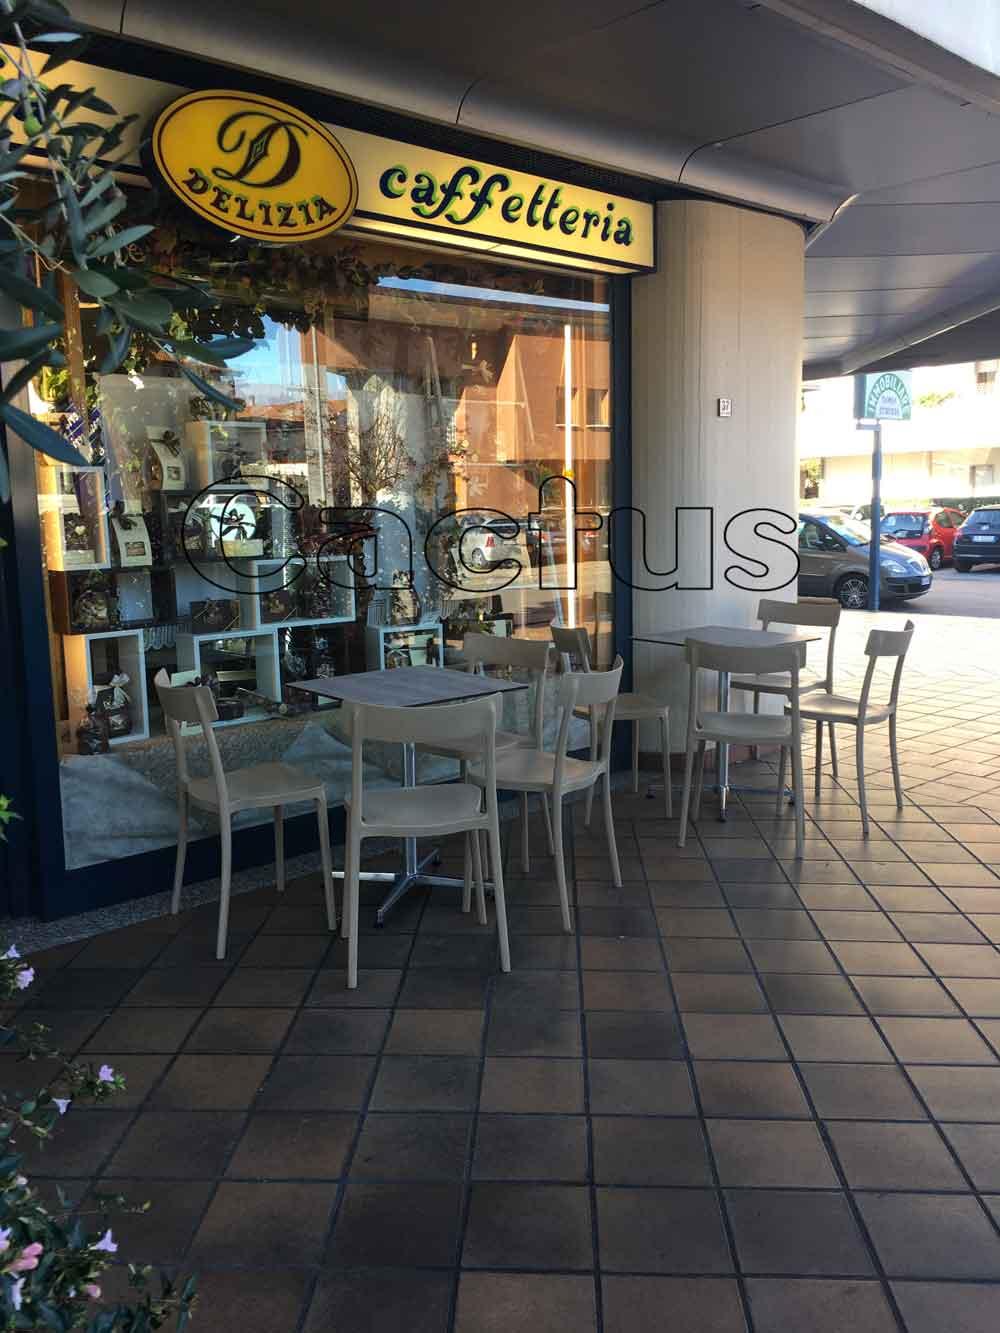 Caffetteria Delizia - Poggio a Caiano